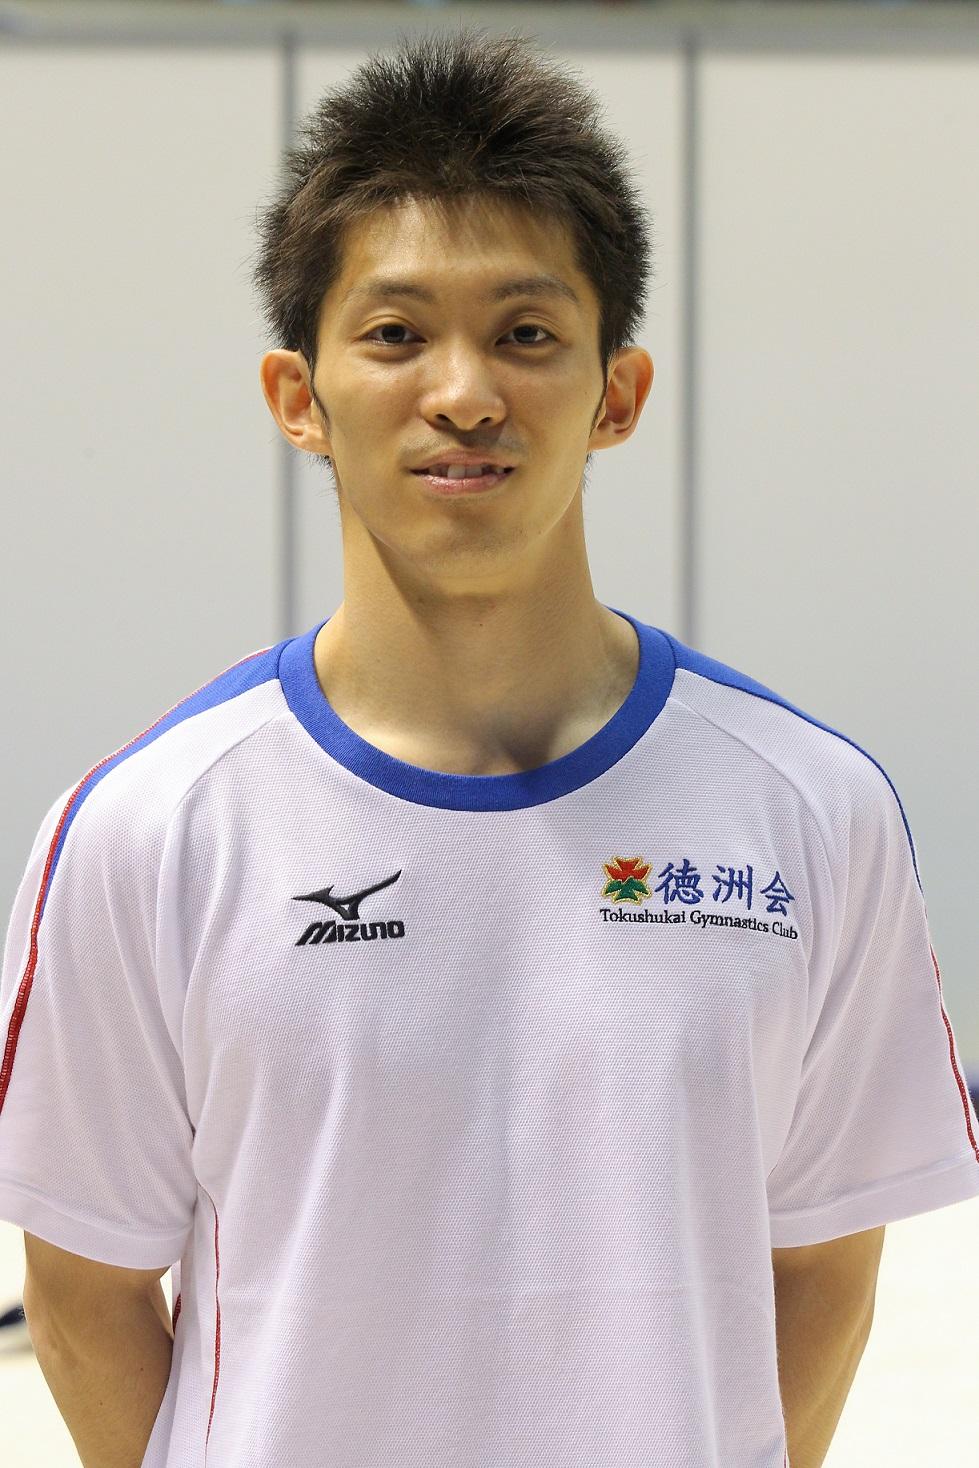 田中選手宣材写真リサイズ